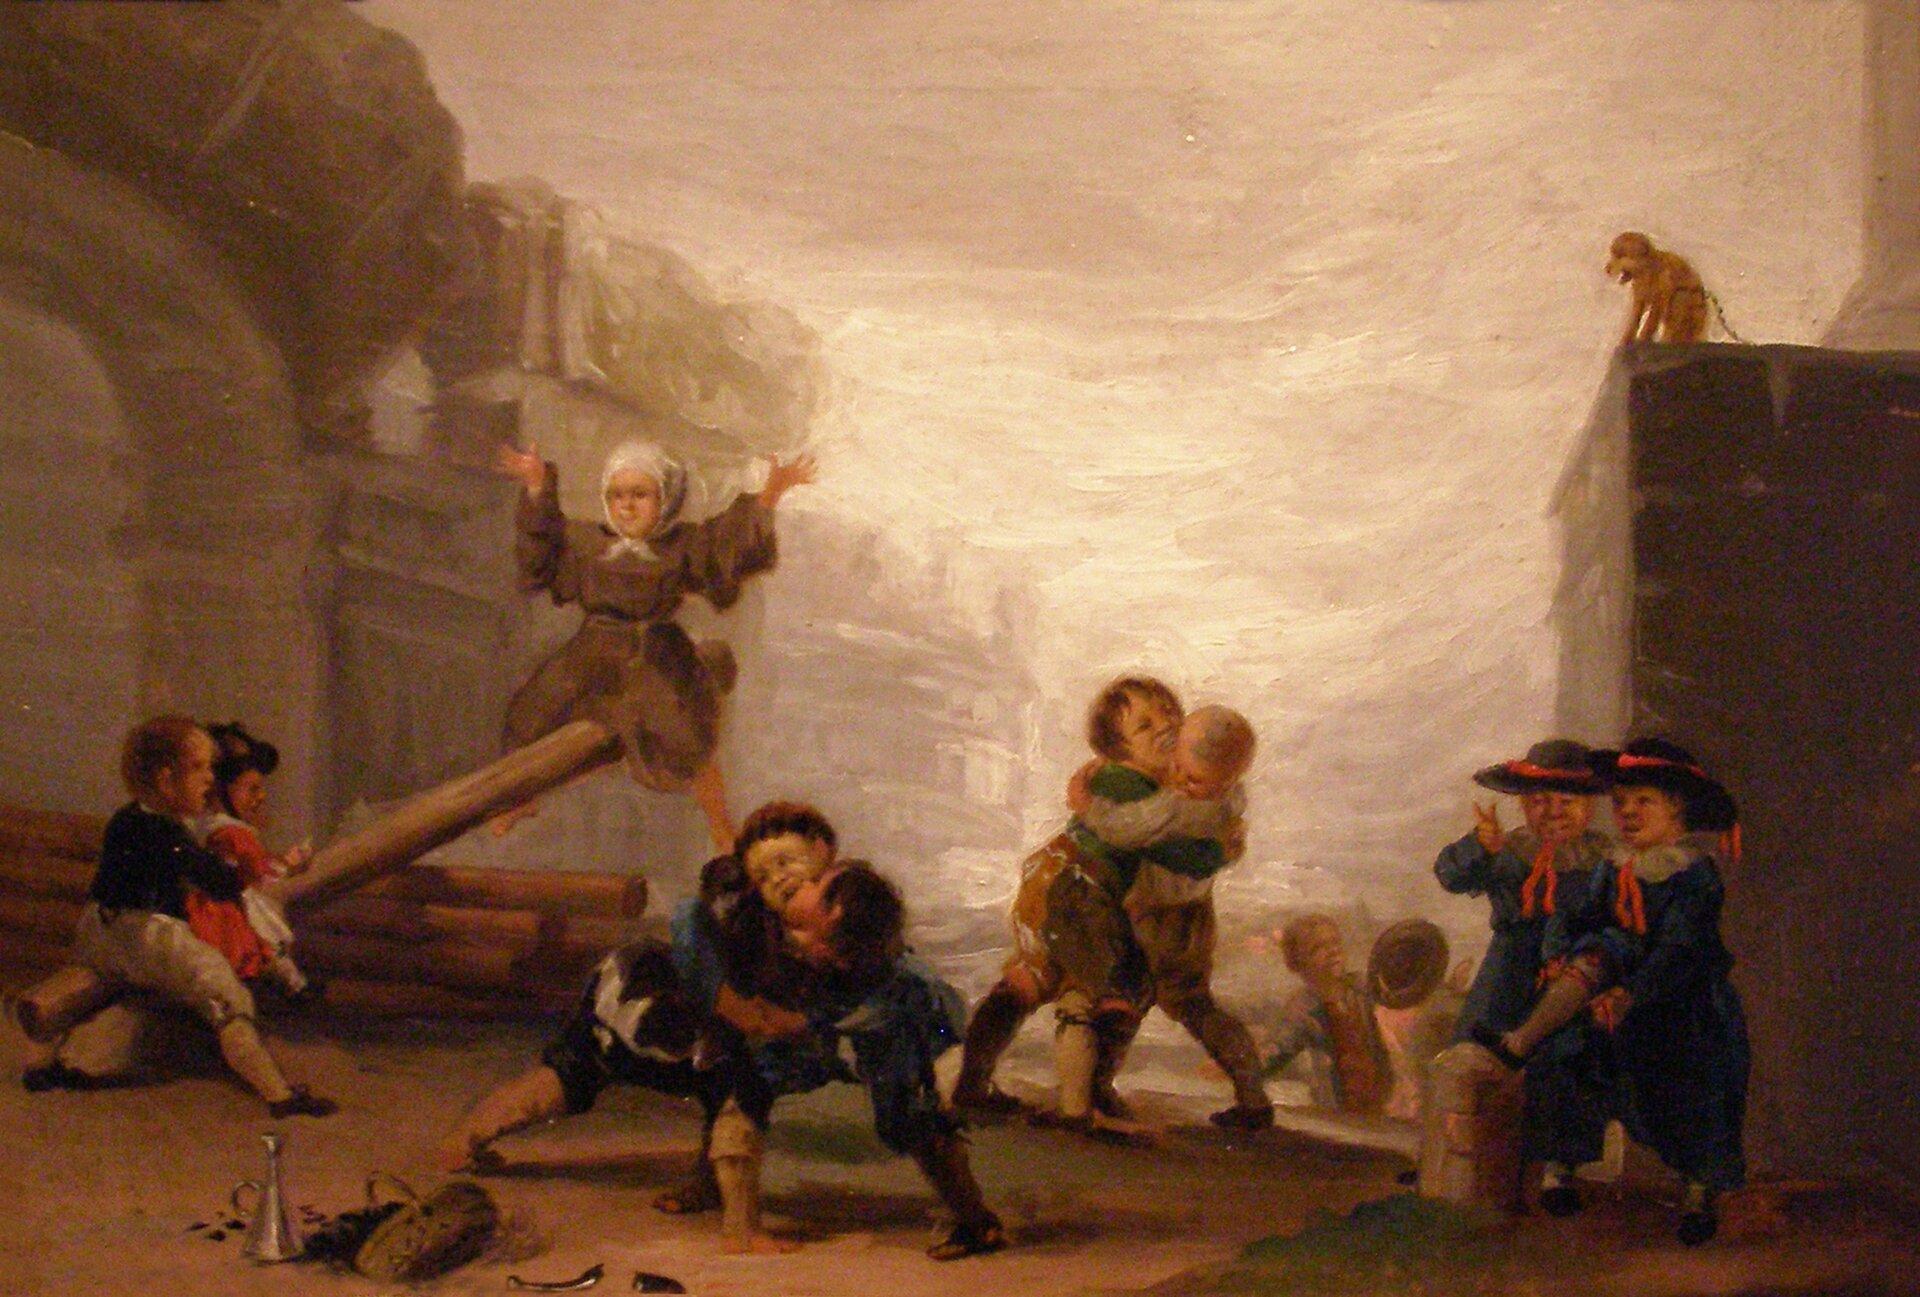 Zabawy dziecięce Dzieci bijące się ibawiące się na huśtawce Źródło: Francisco Goya, Zabawy dziecięce, 1782–1785, domena publiczna.